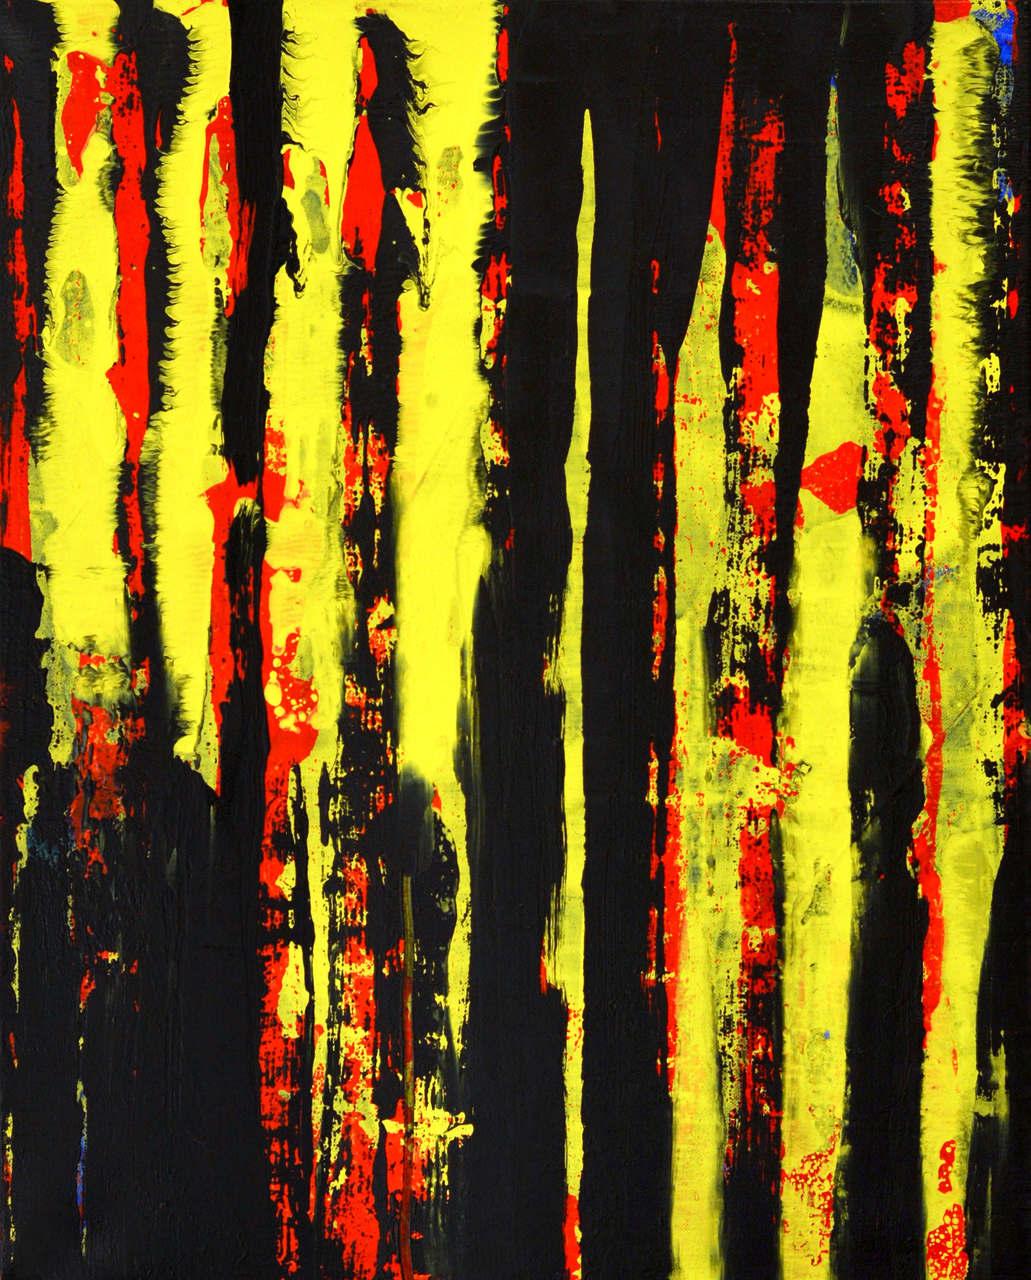 Art Viewer 14 b